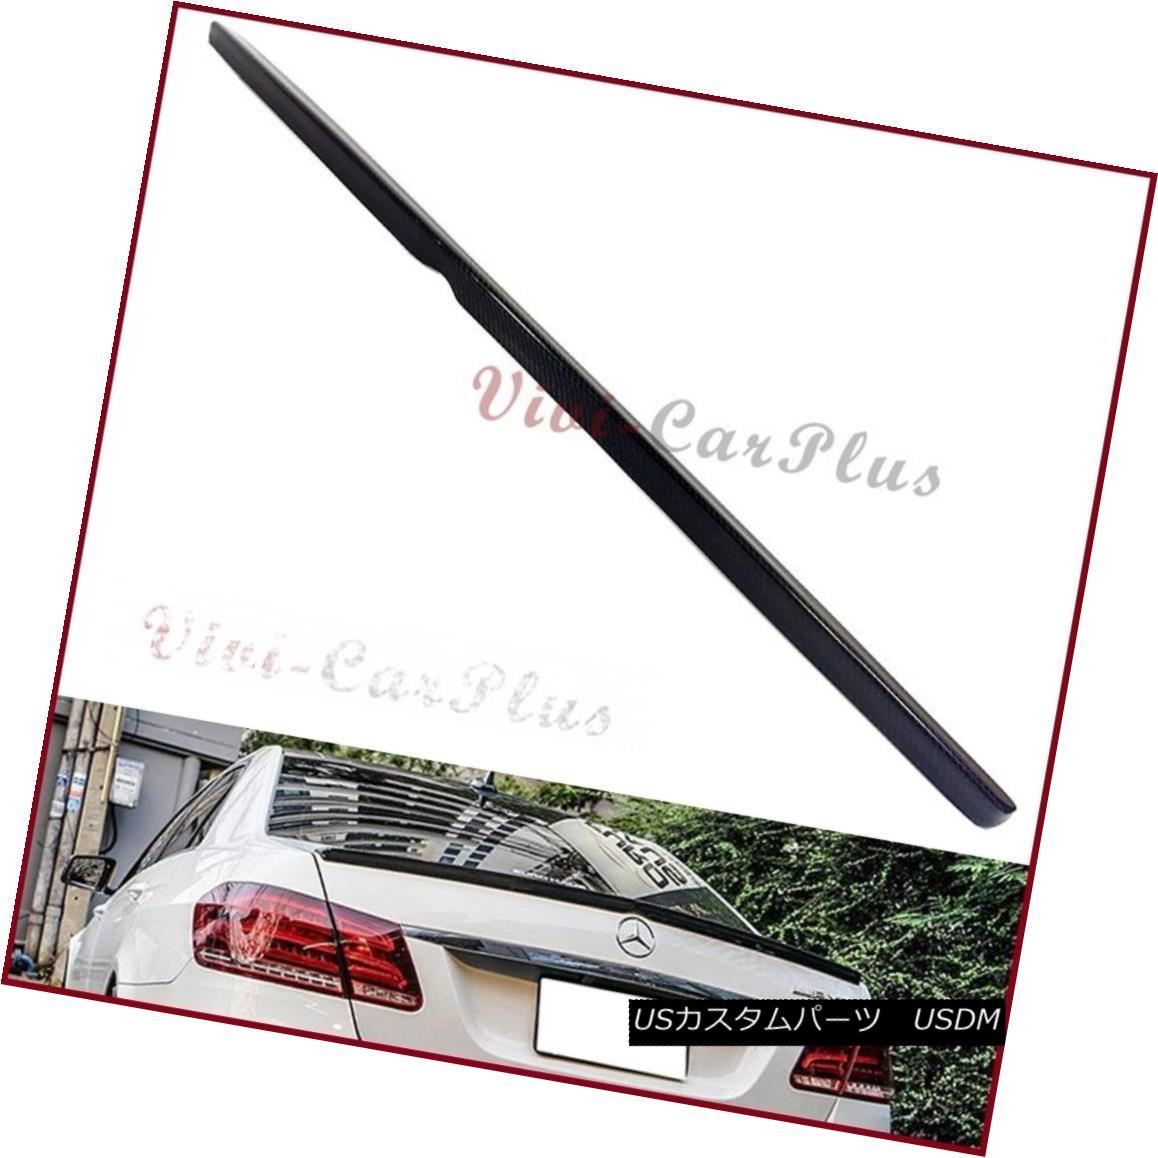 エアロパーツ 3K Carbon Fiber 10-15 Benz W212 AMG Style E250 E350 E550 Trunk Boot Spoiler Wing 3Kカーボンファイバー10-15ベンツW212 AMGスタイルE250 E350 E550トランクブートスポイラーウイング